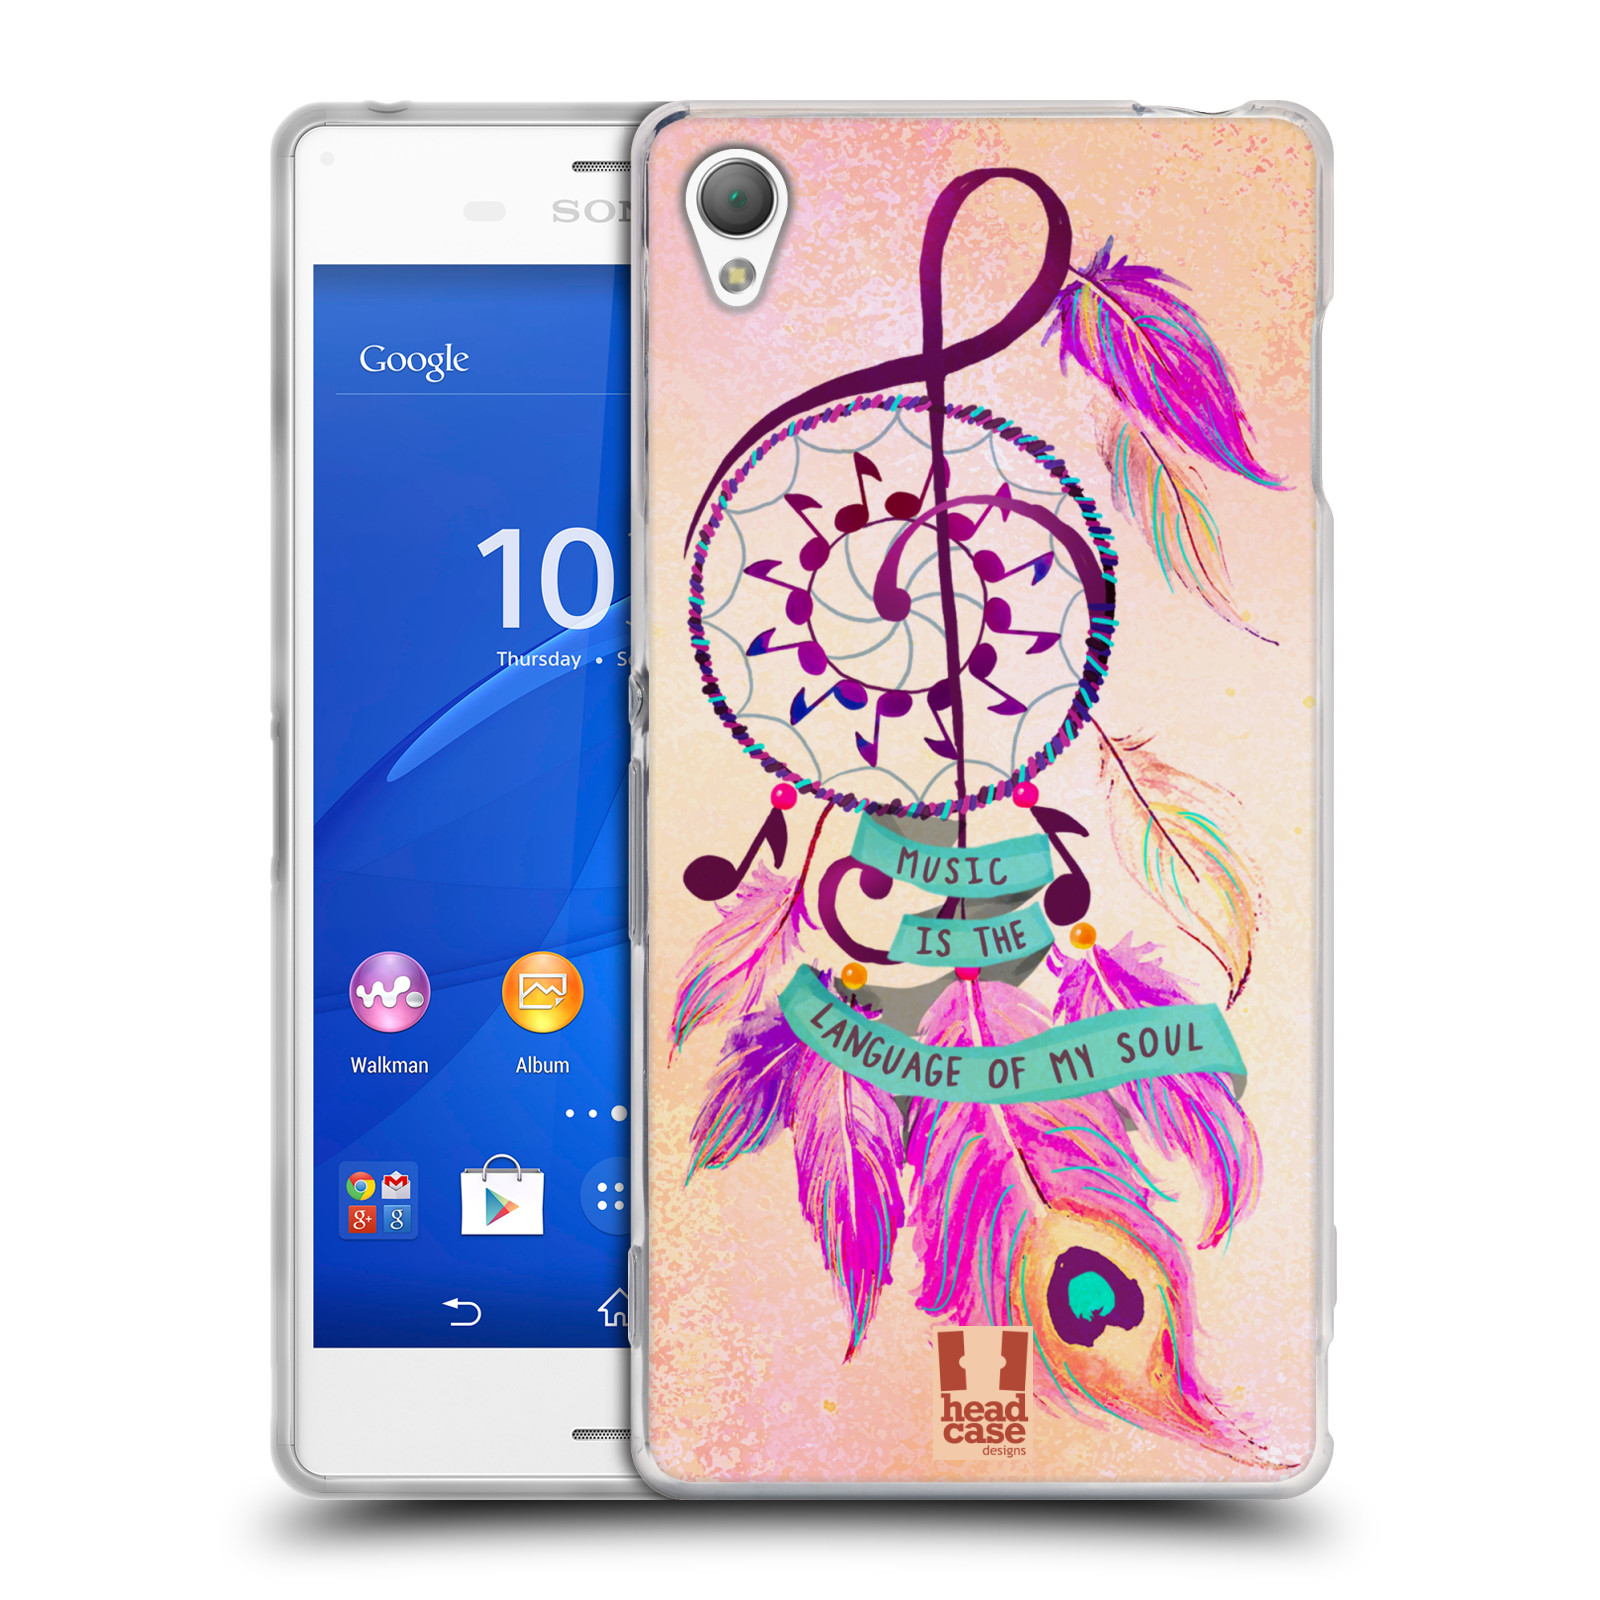 Silikonové pouzdro na mobil Sony Xperia Z3 D6603 HEAD CASE Lapač Assorted Music